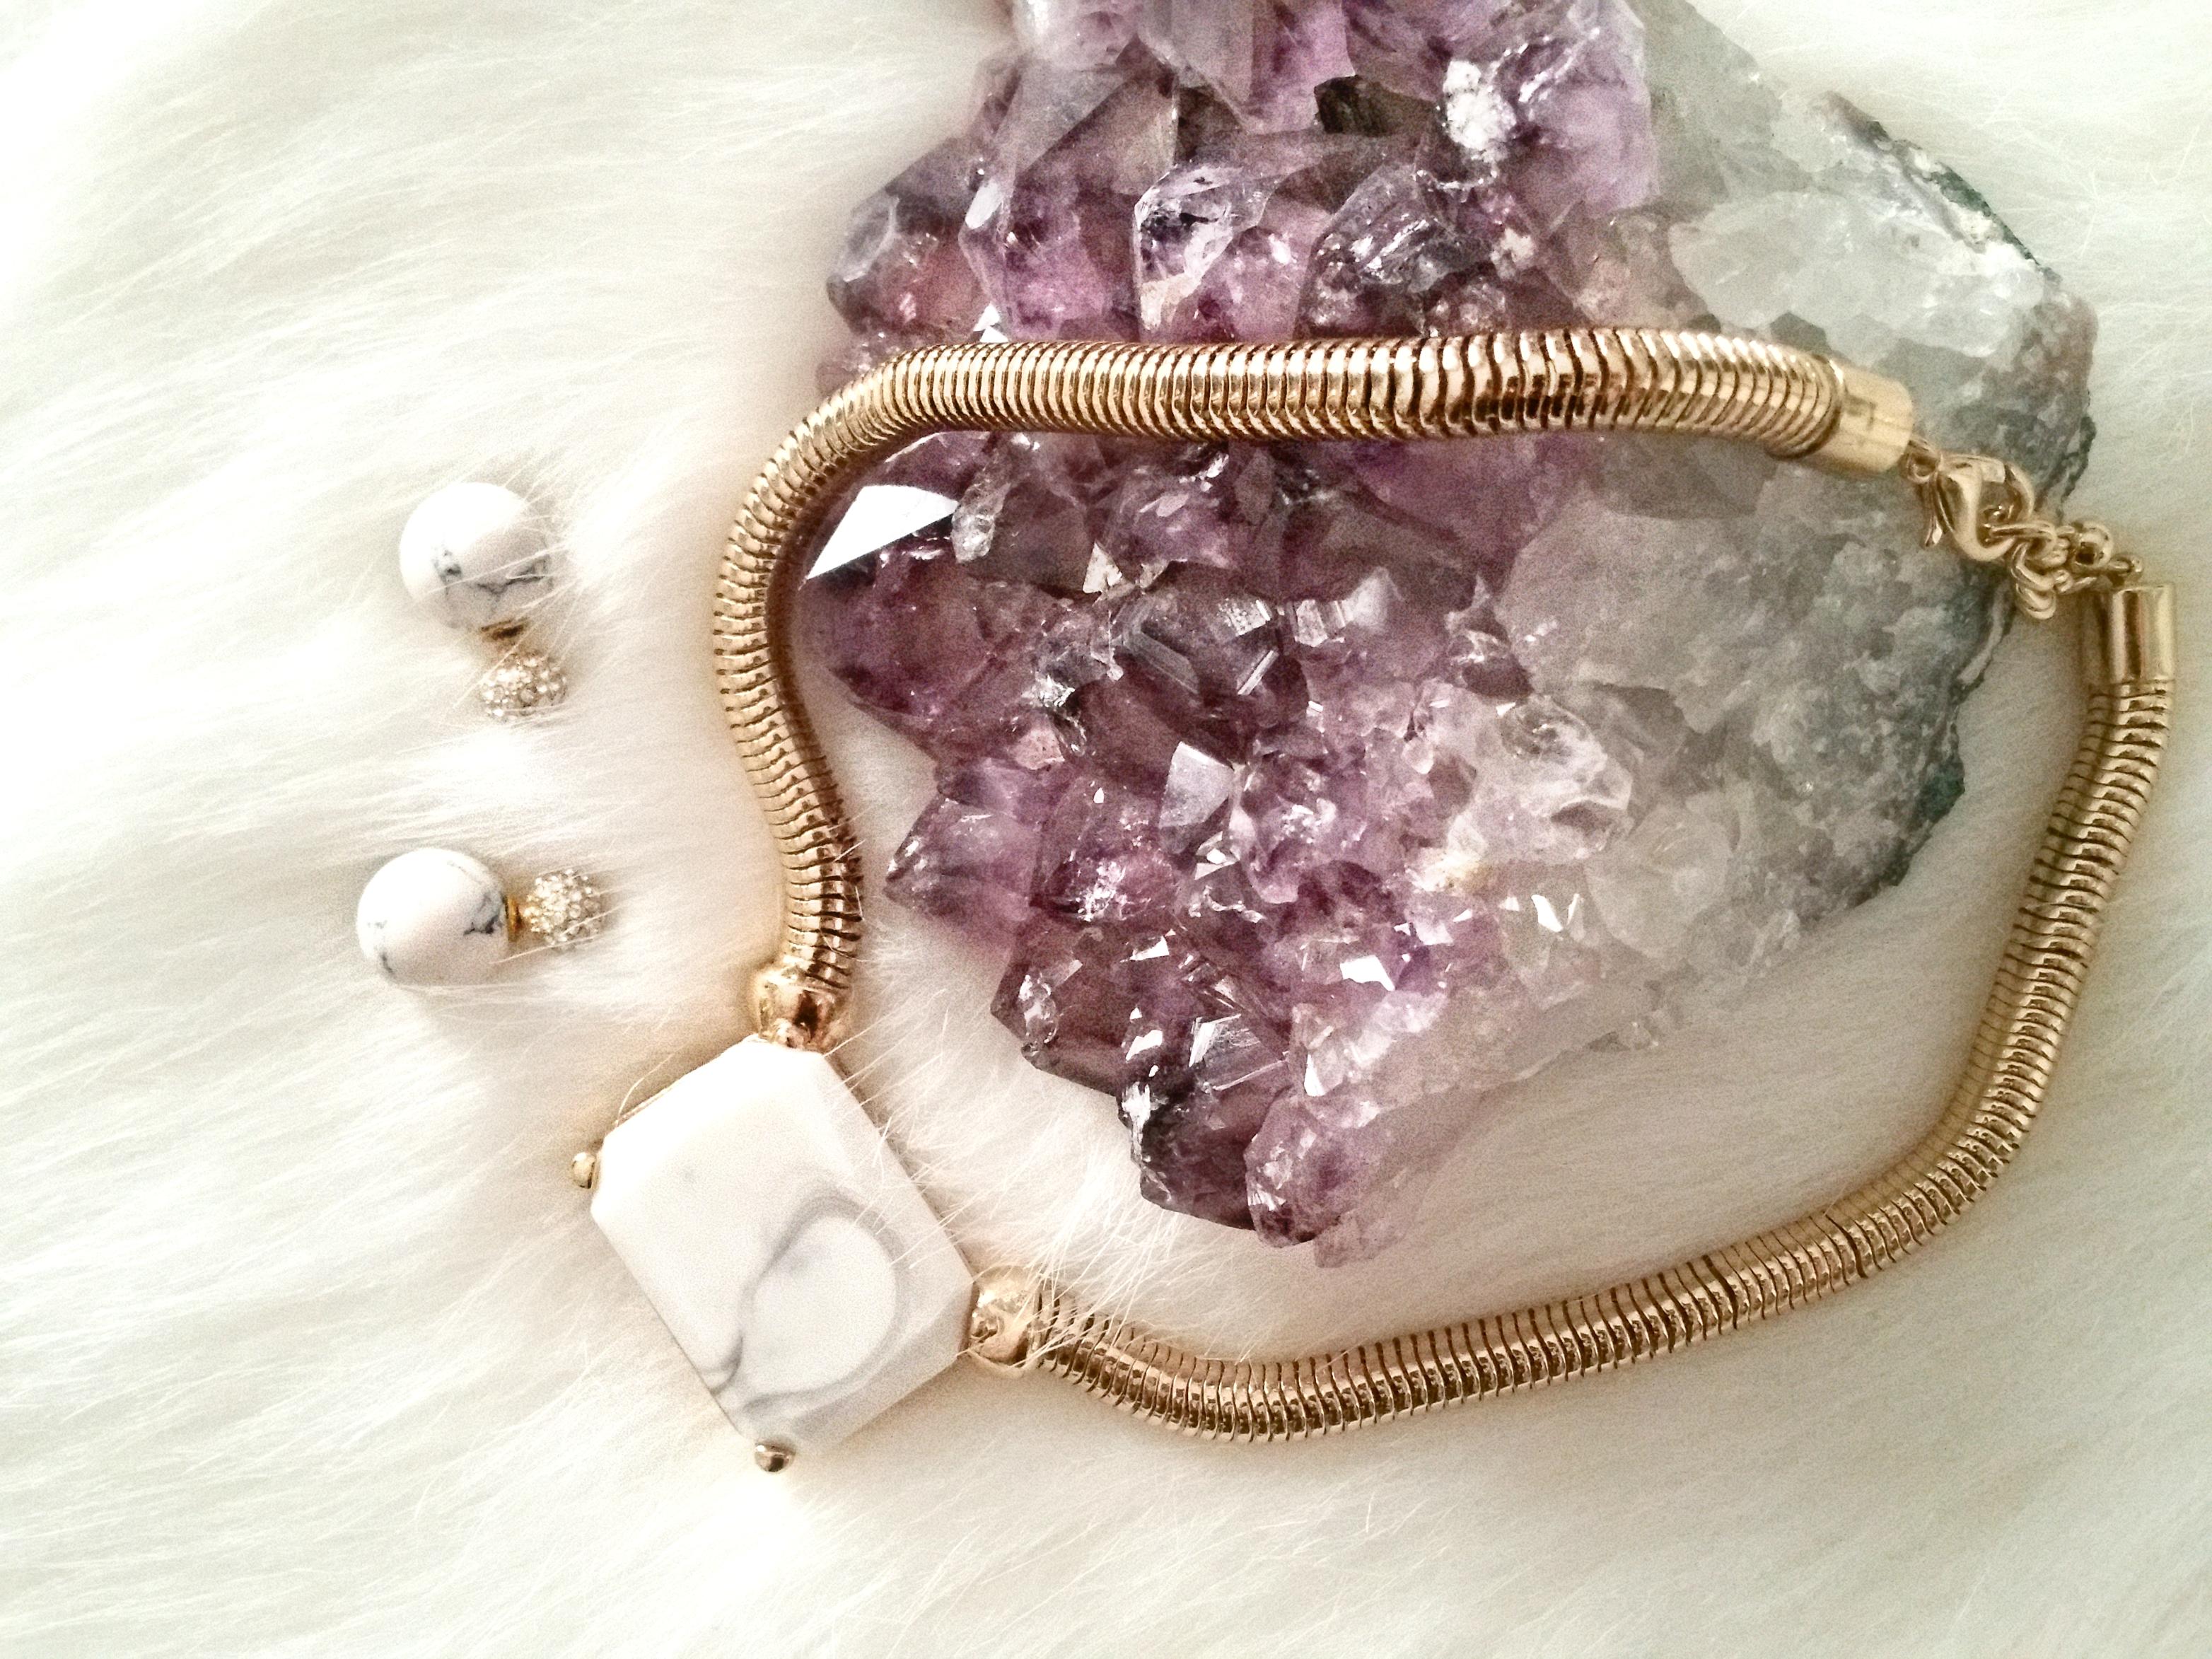 Precious Metals Marble Manicure Inspo